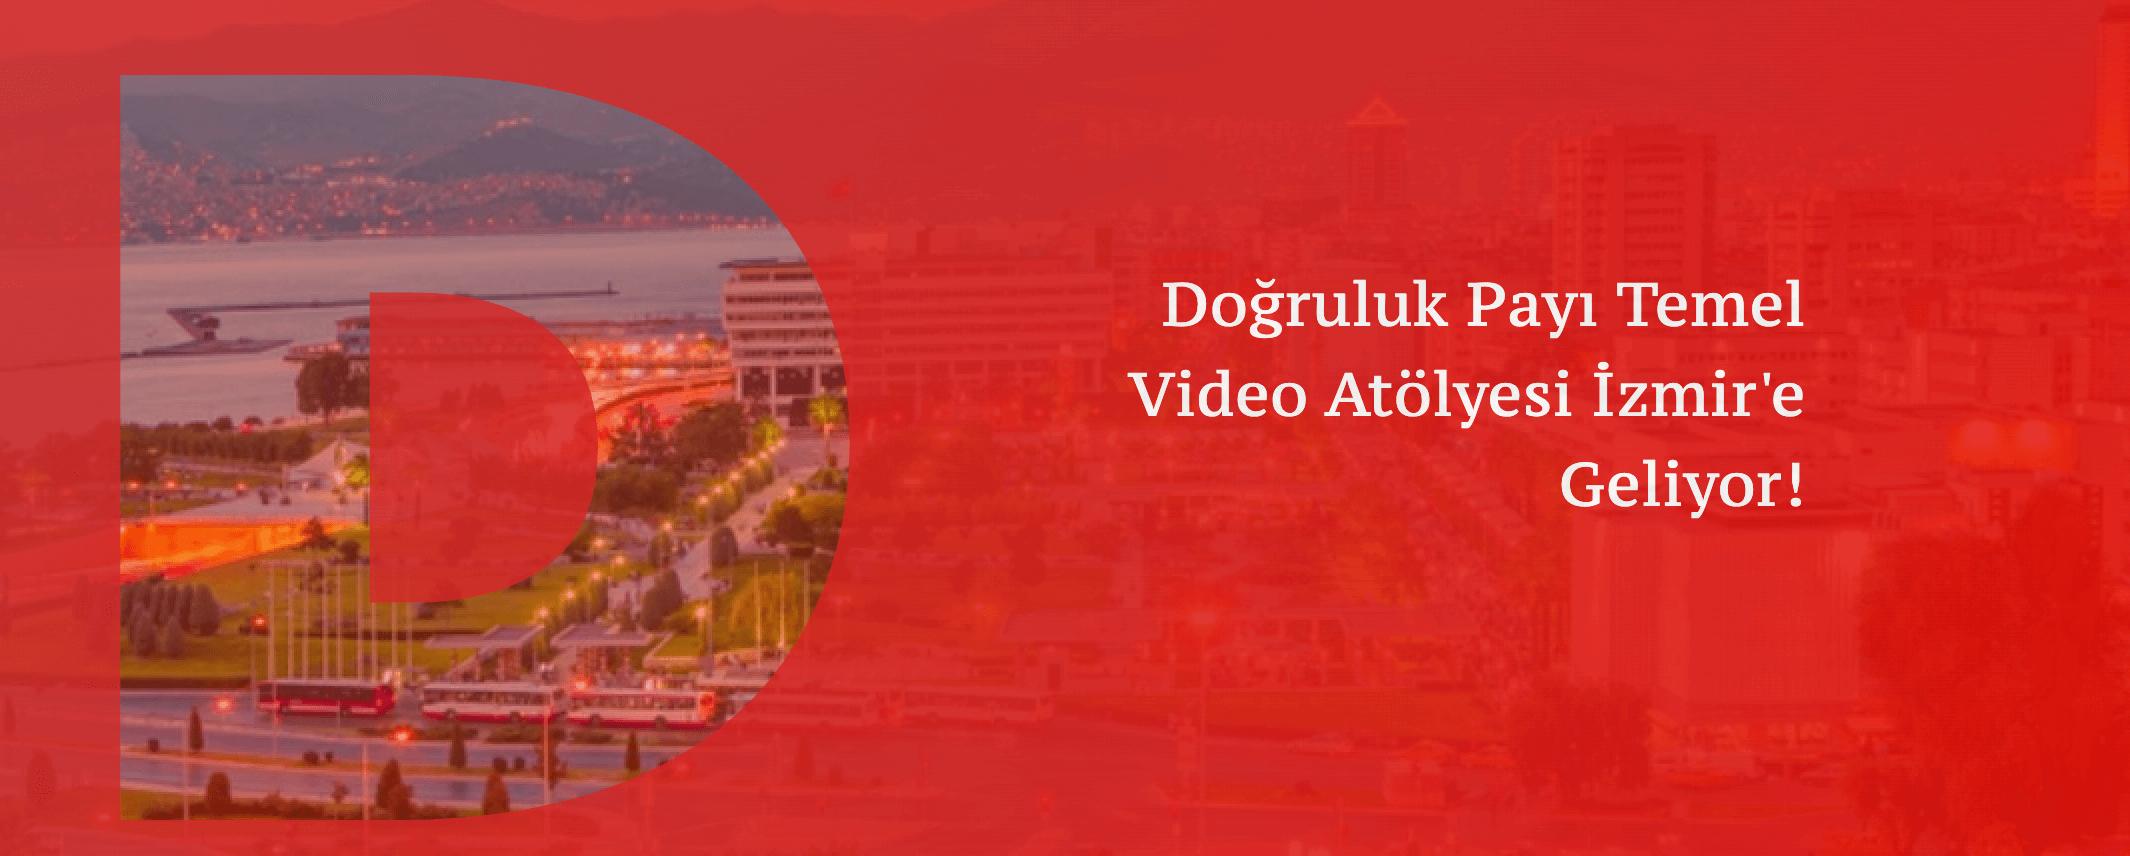 Doğruluk Payı Temel Video Atölyesi 19 Eylül'de İzmir'de.